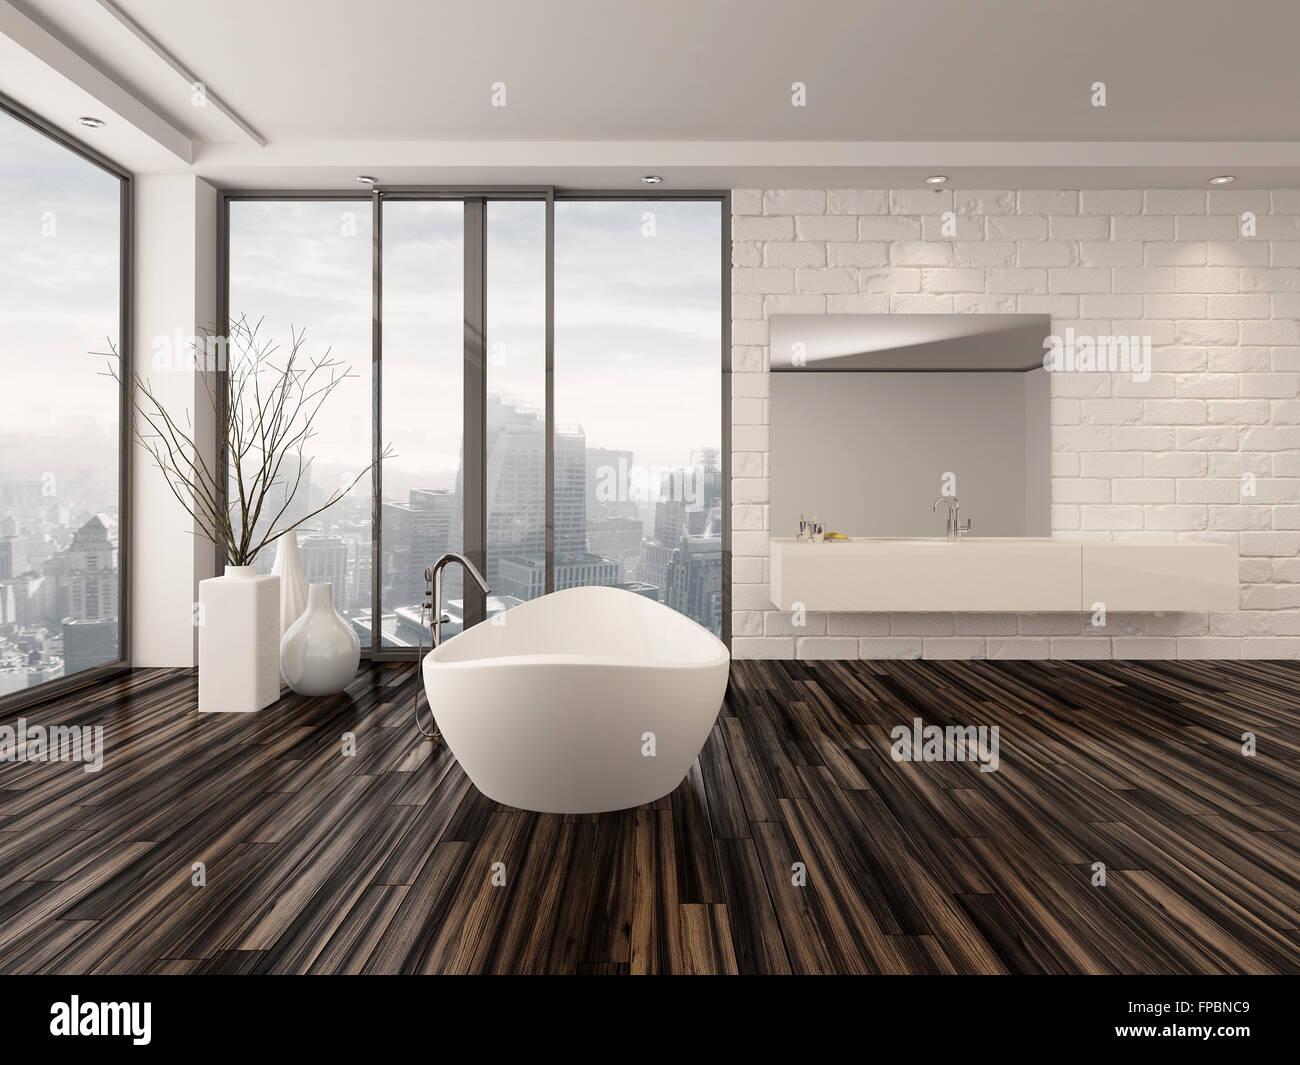 Moderne weiße minimalistischen badezimmer interieur mit einer